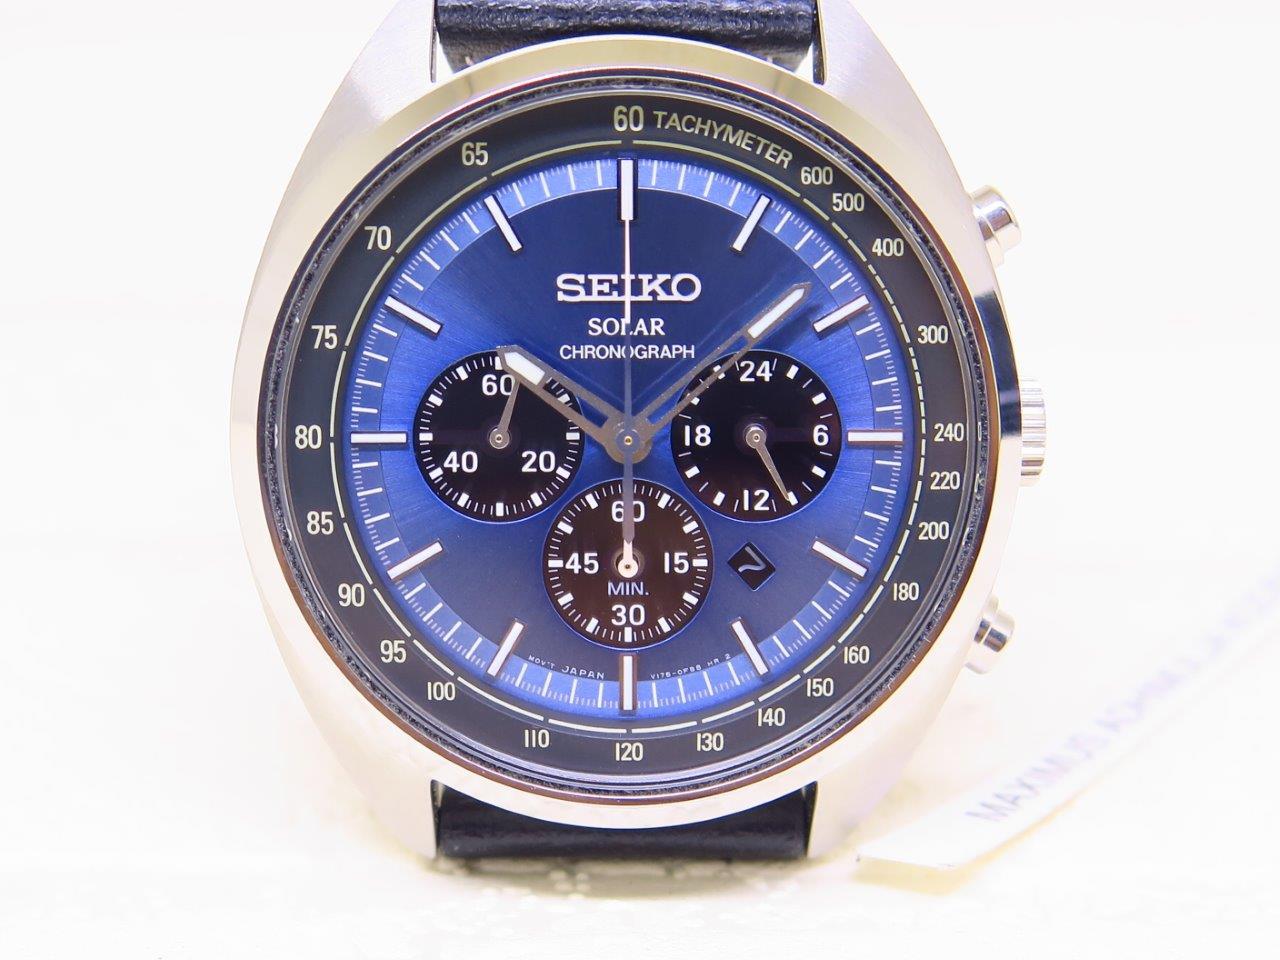 SEIKO SOLAR CHRONOGRAPH BLUE DIAL - SEIKO SSC625P1